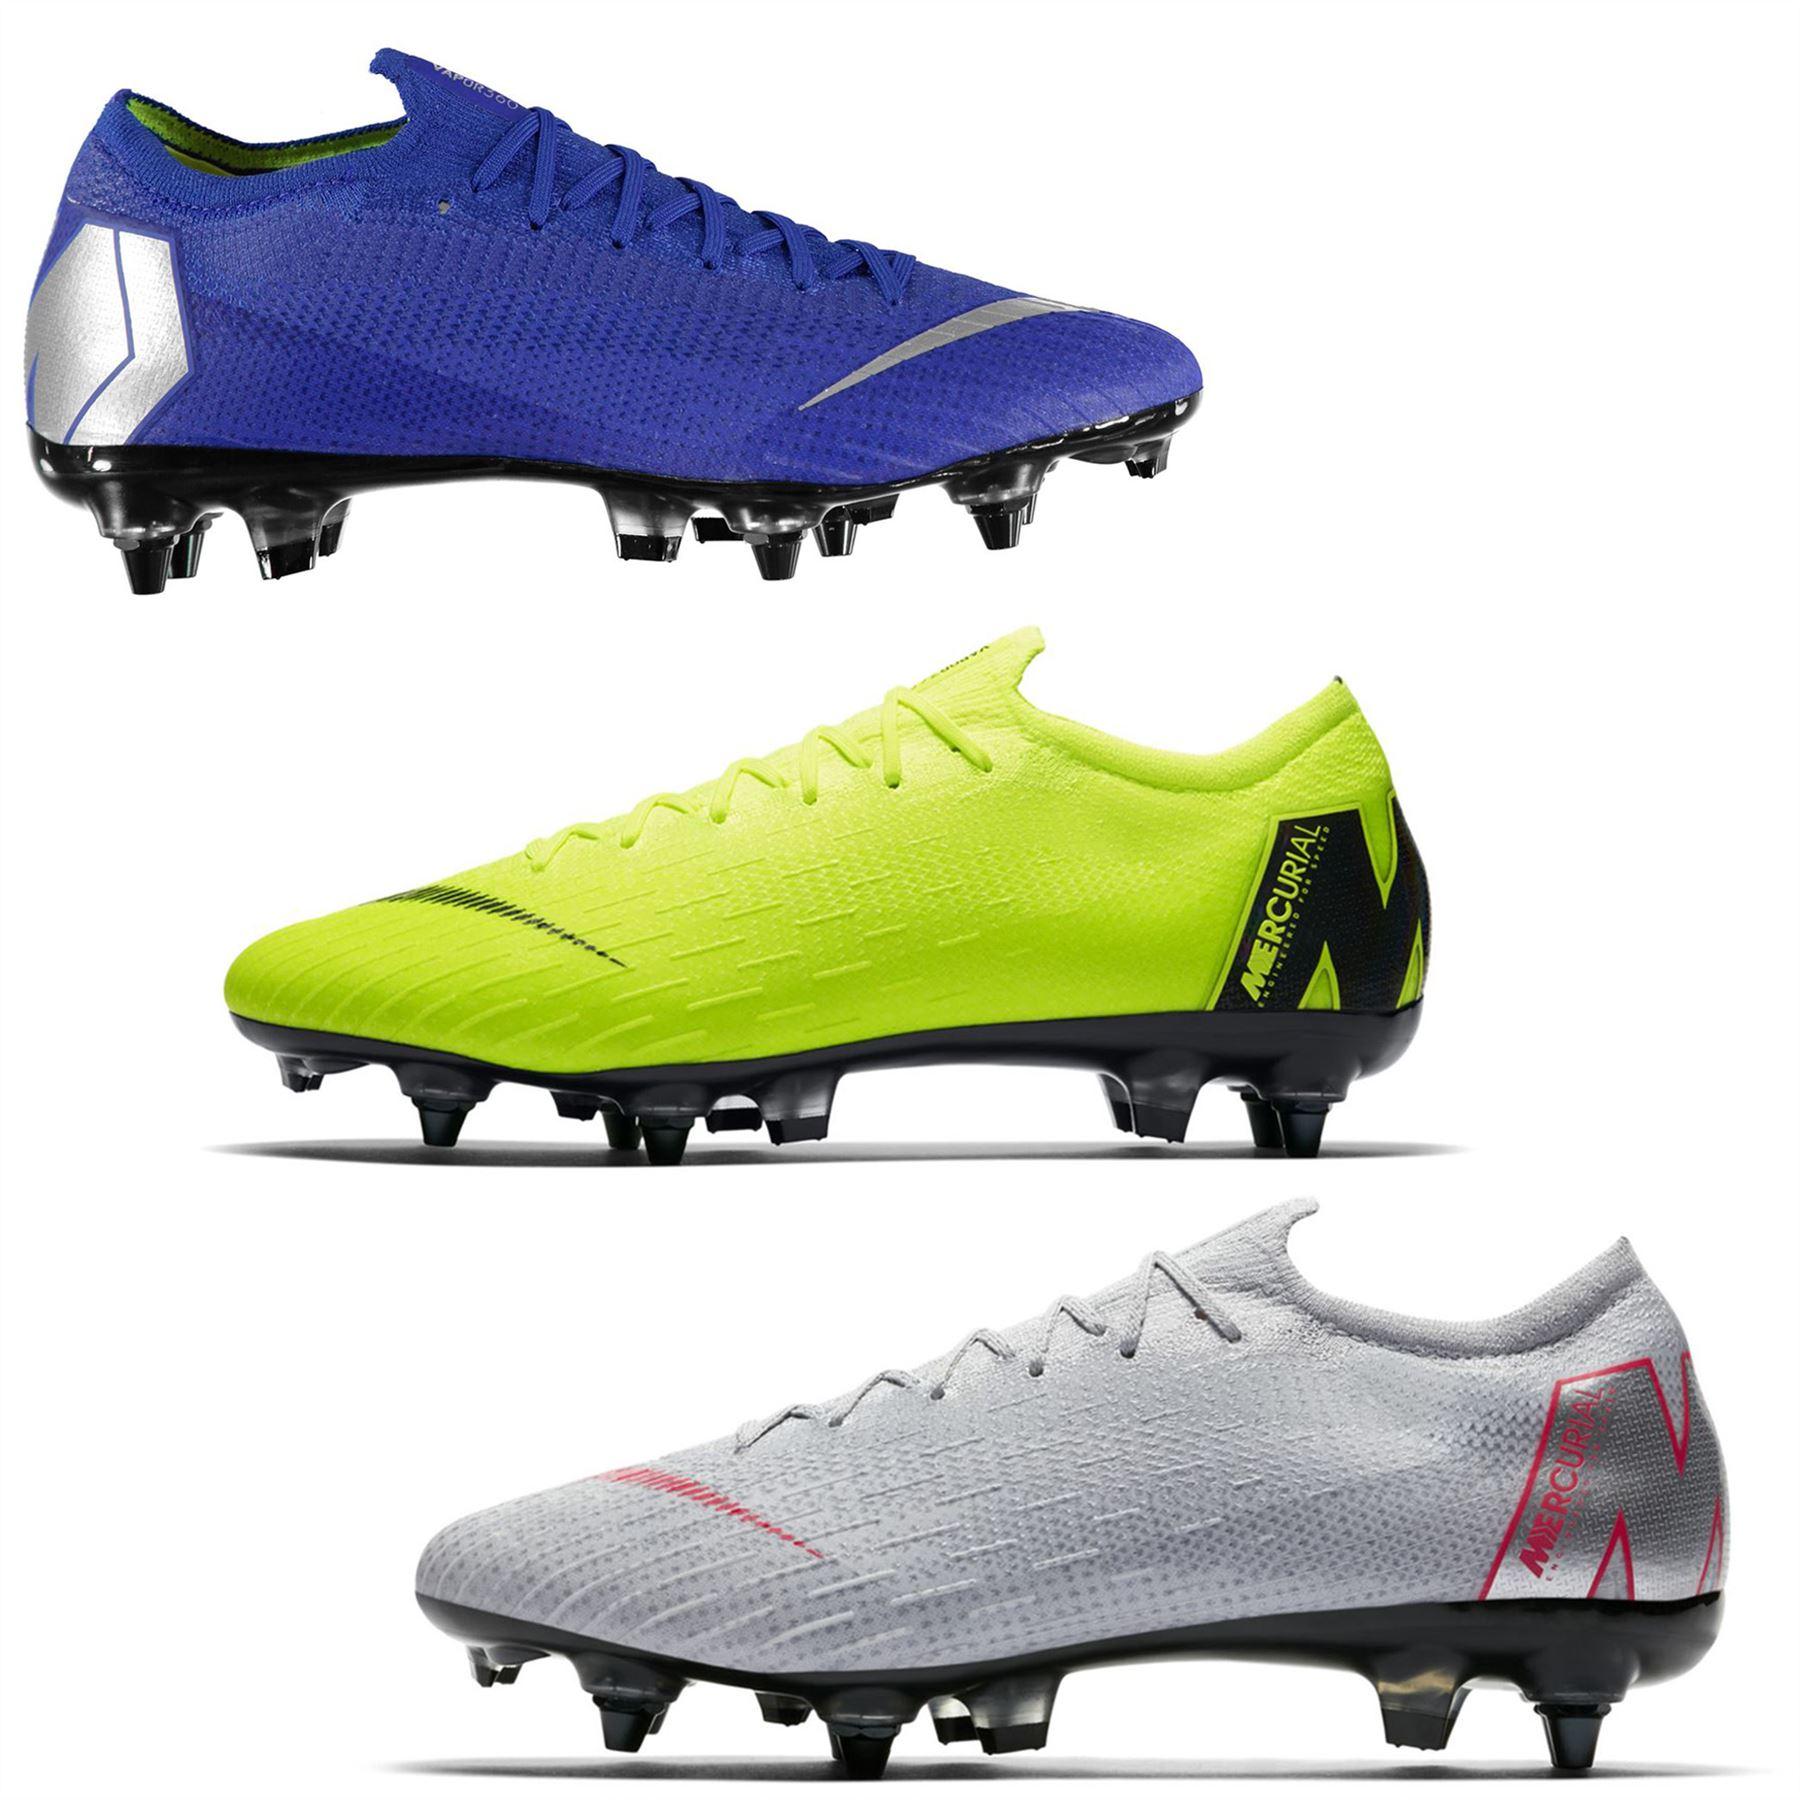 3fcef235af0 ... Nike Mercurial Vapor Elite SG Soft Ground Football Boots Mens Soccer  Shoe Cleats ...